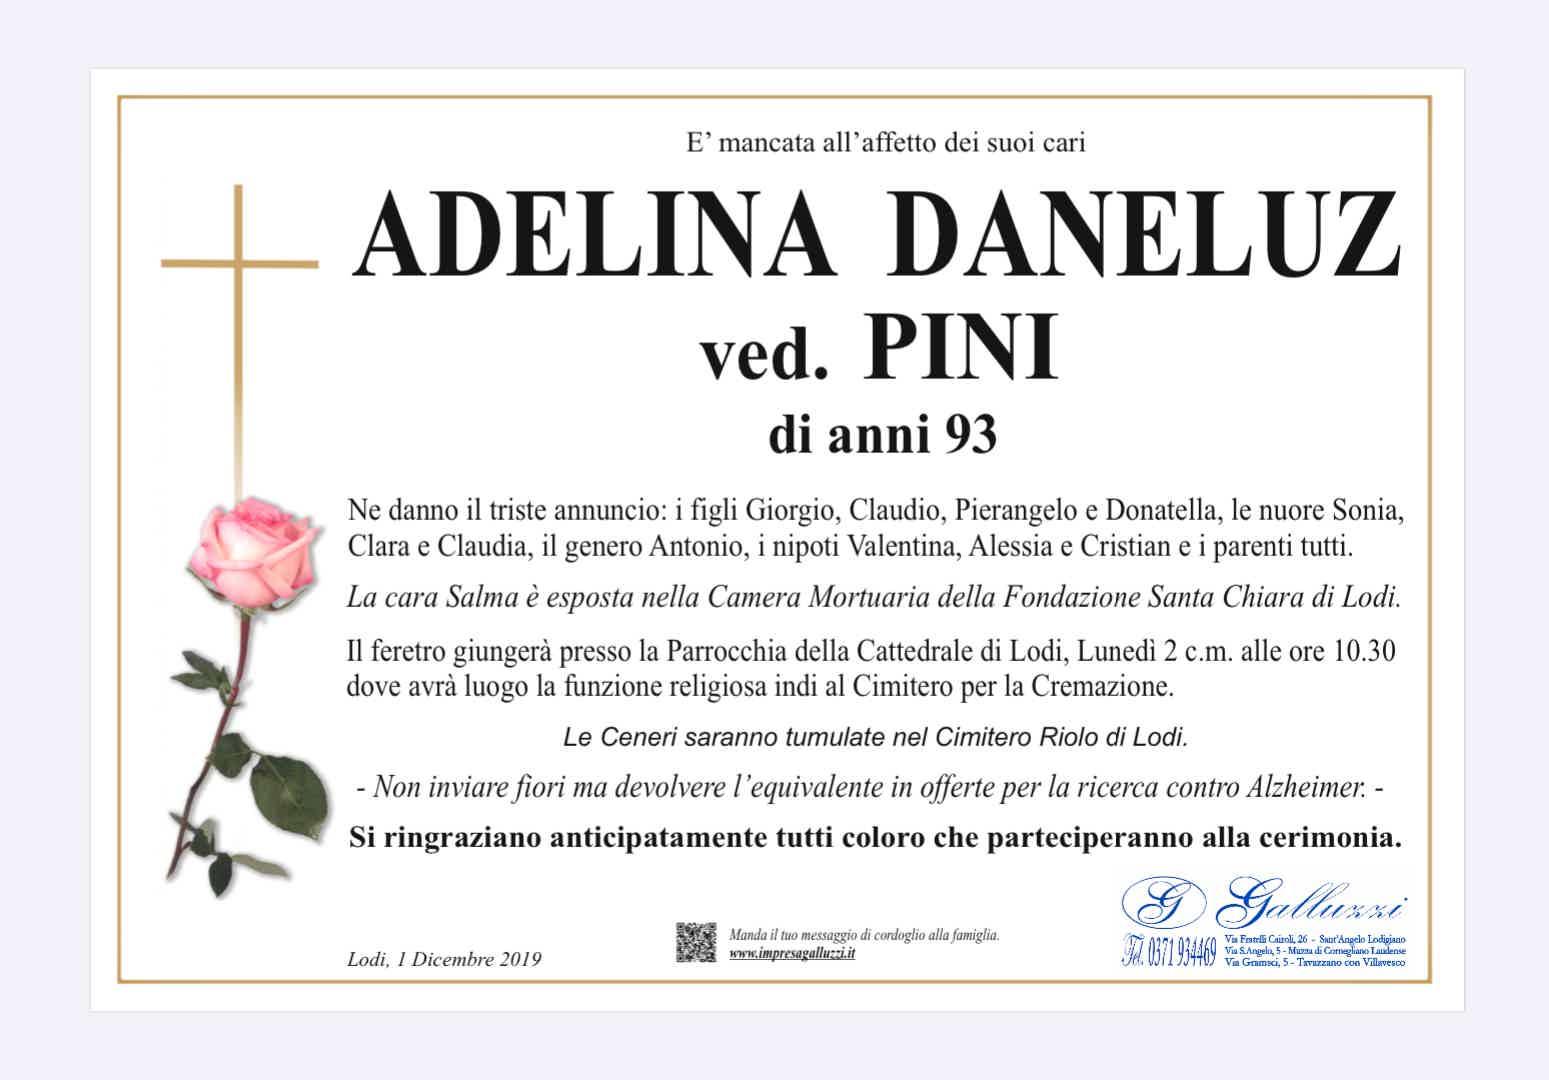 Adelina Daneluz